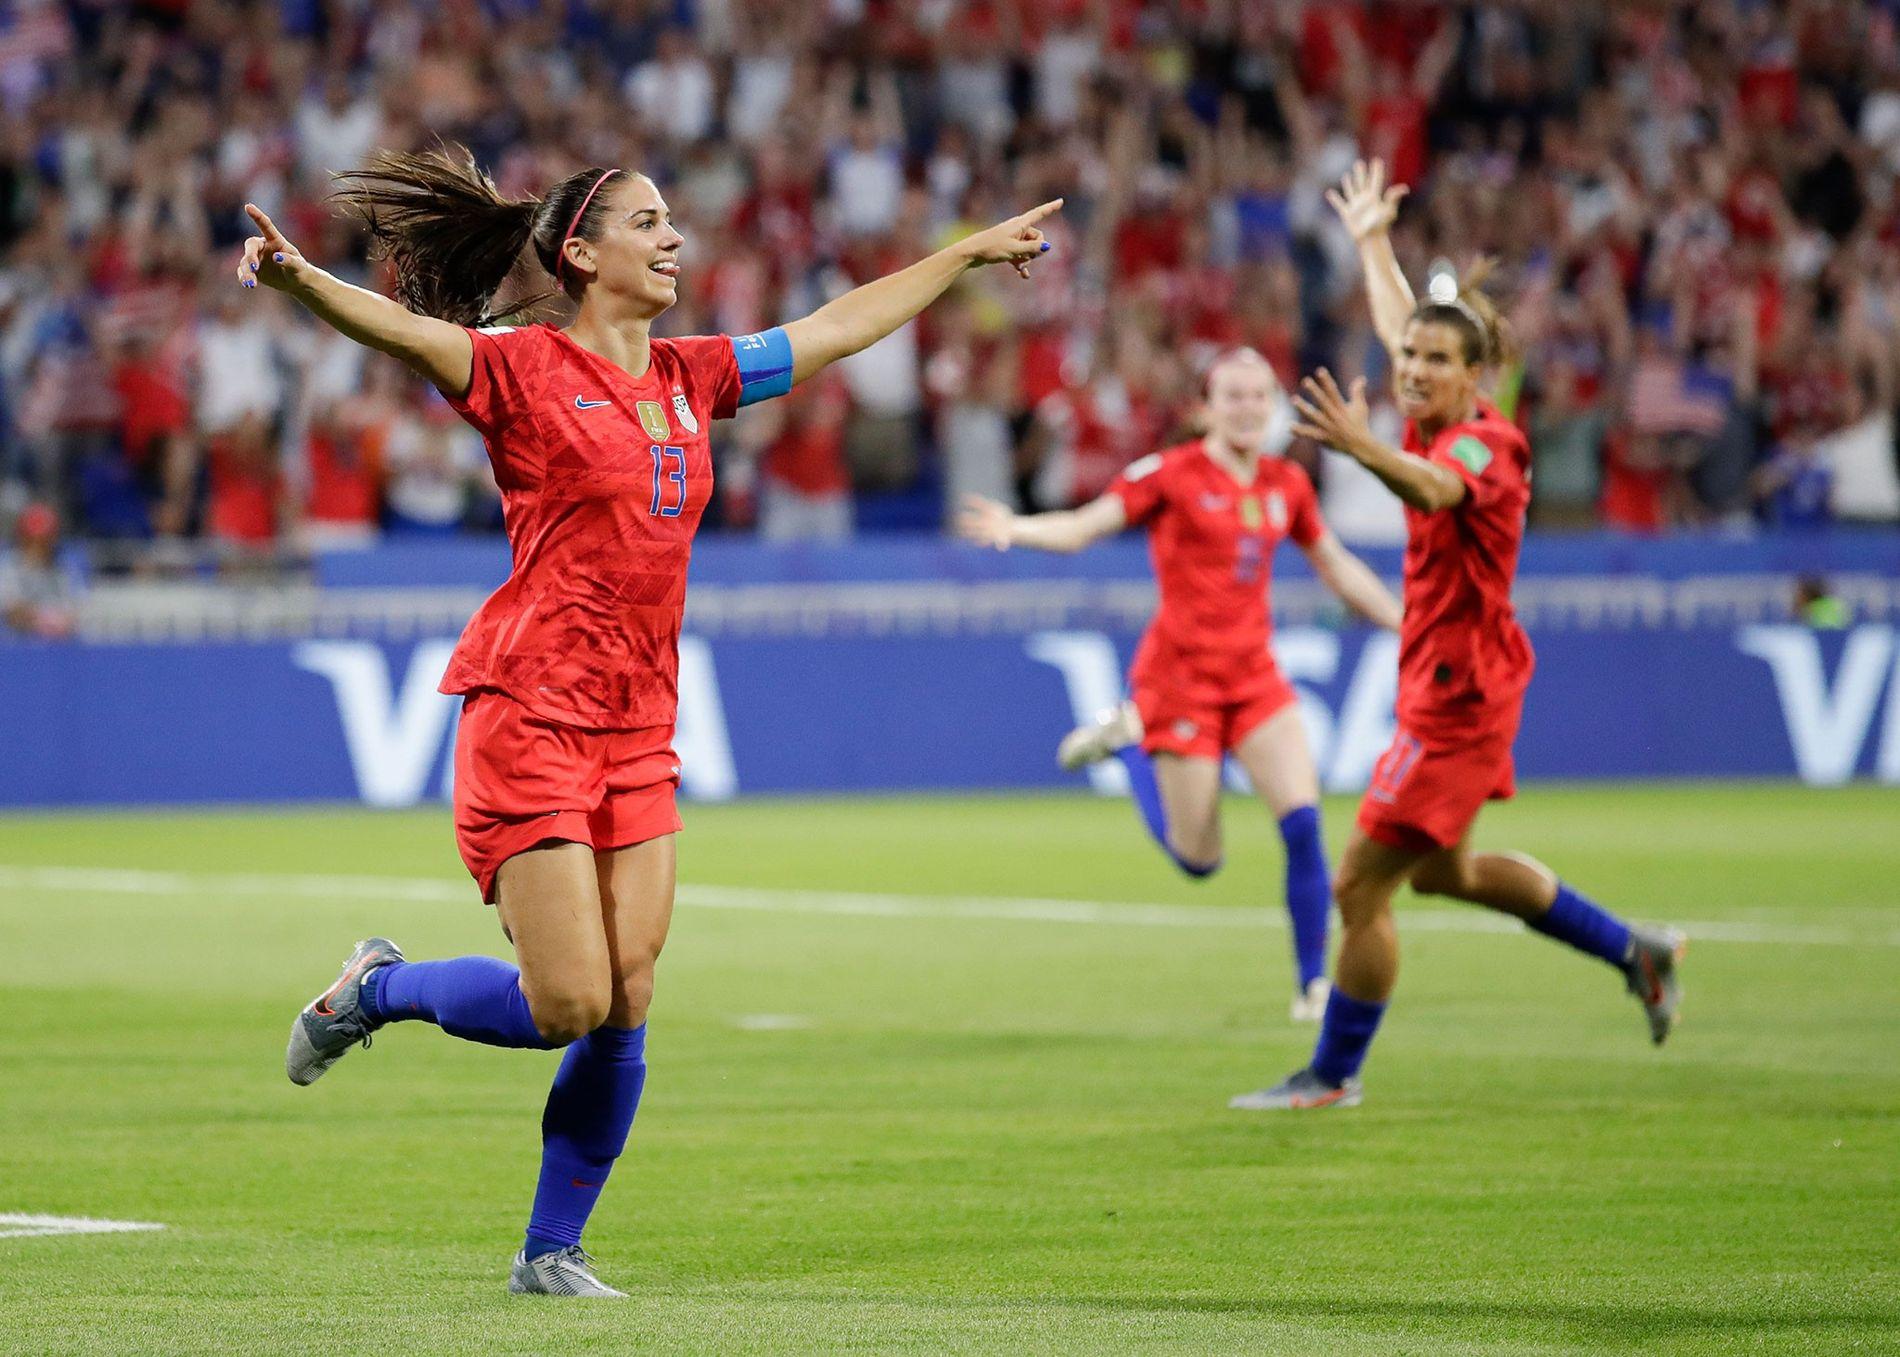 La delantera Alex Morgan celebra después de meter su segundo gol para los Estados Unidos durante ...